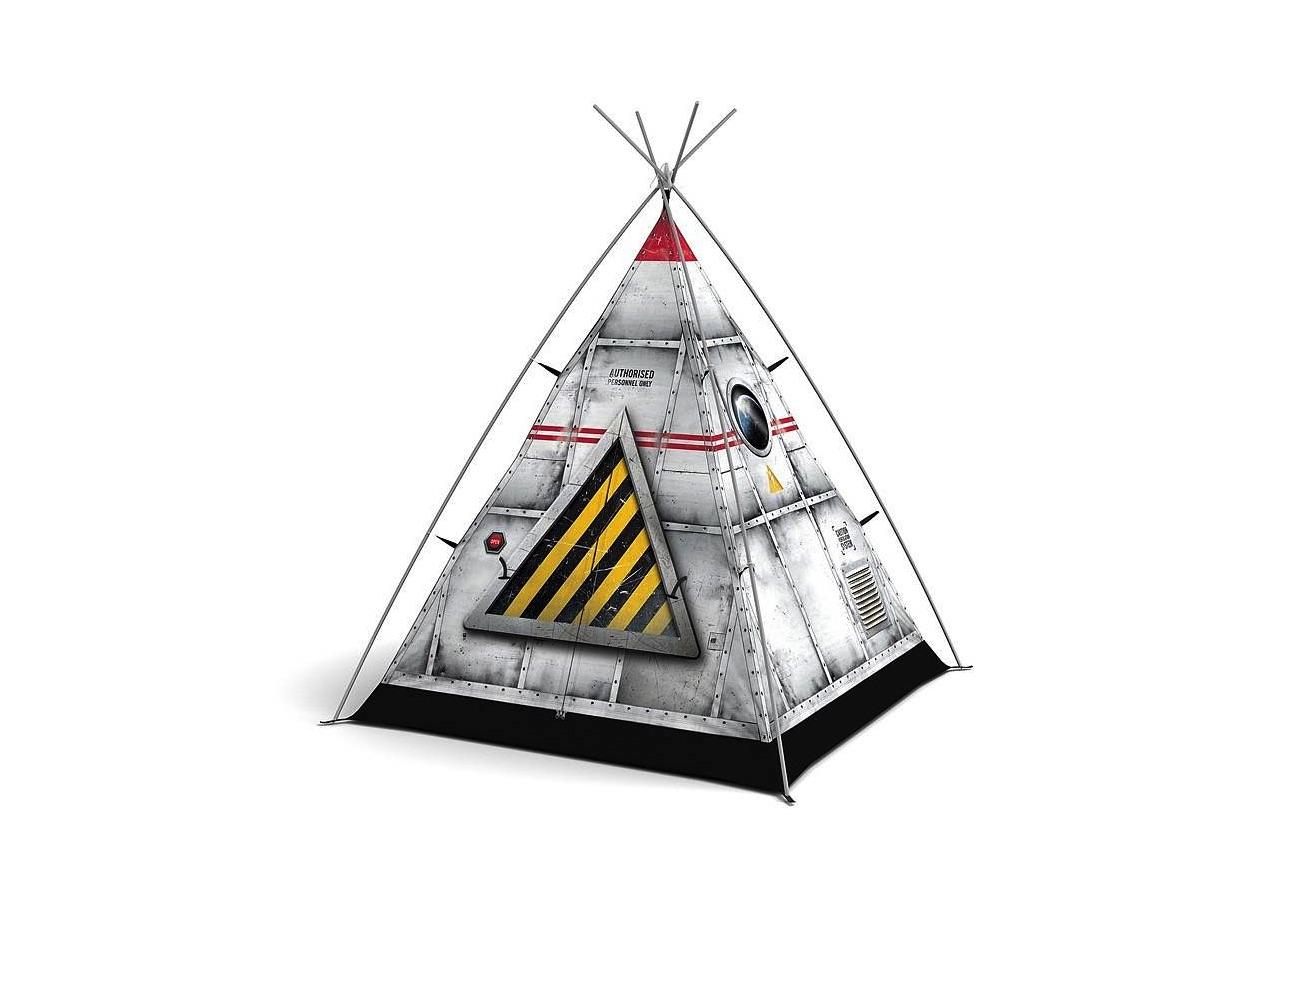 blast-off-tent-by-fieldcandy-03